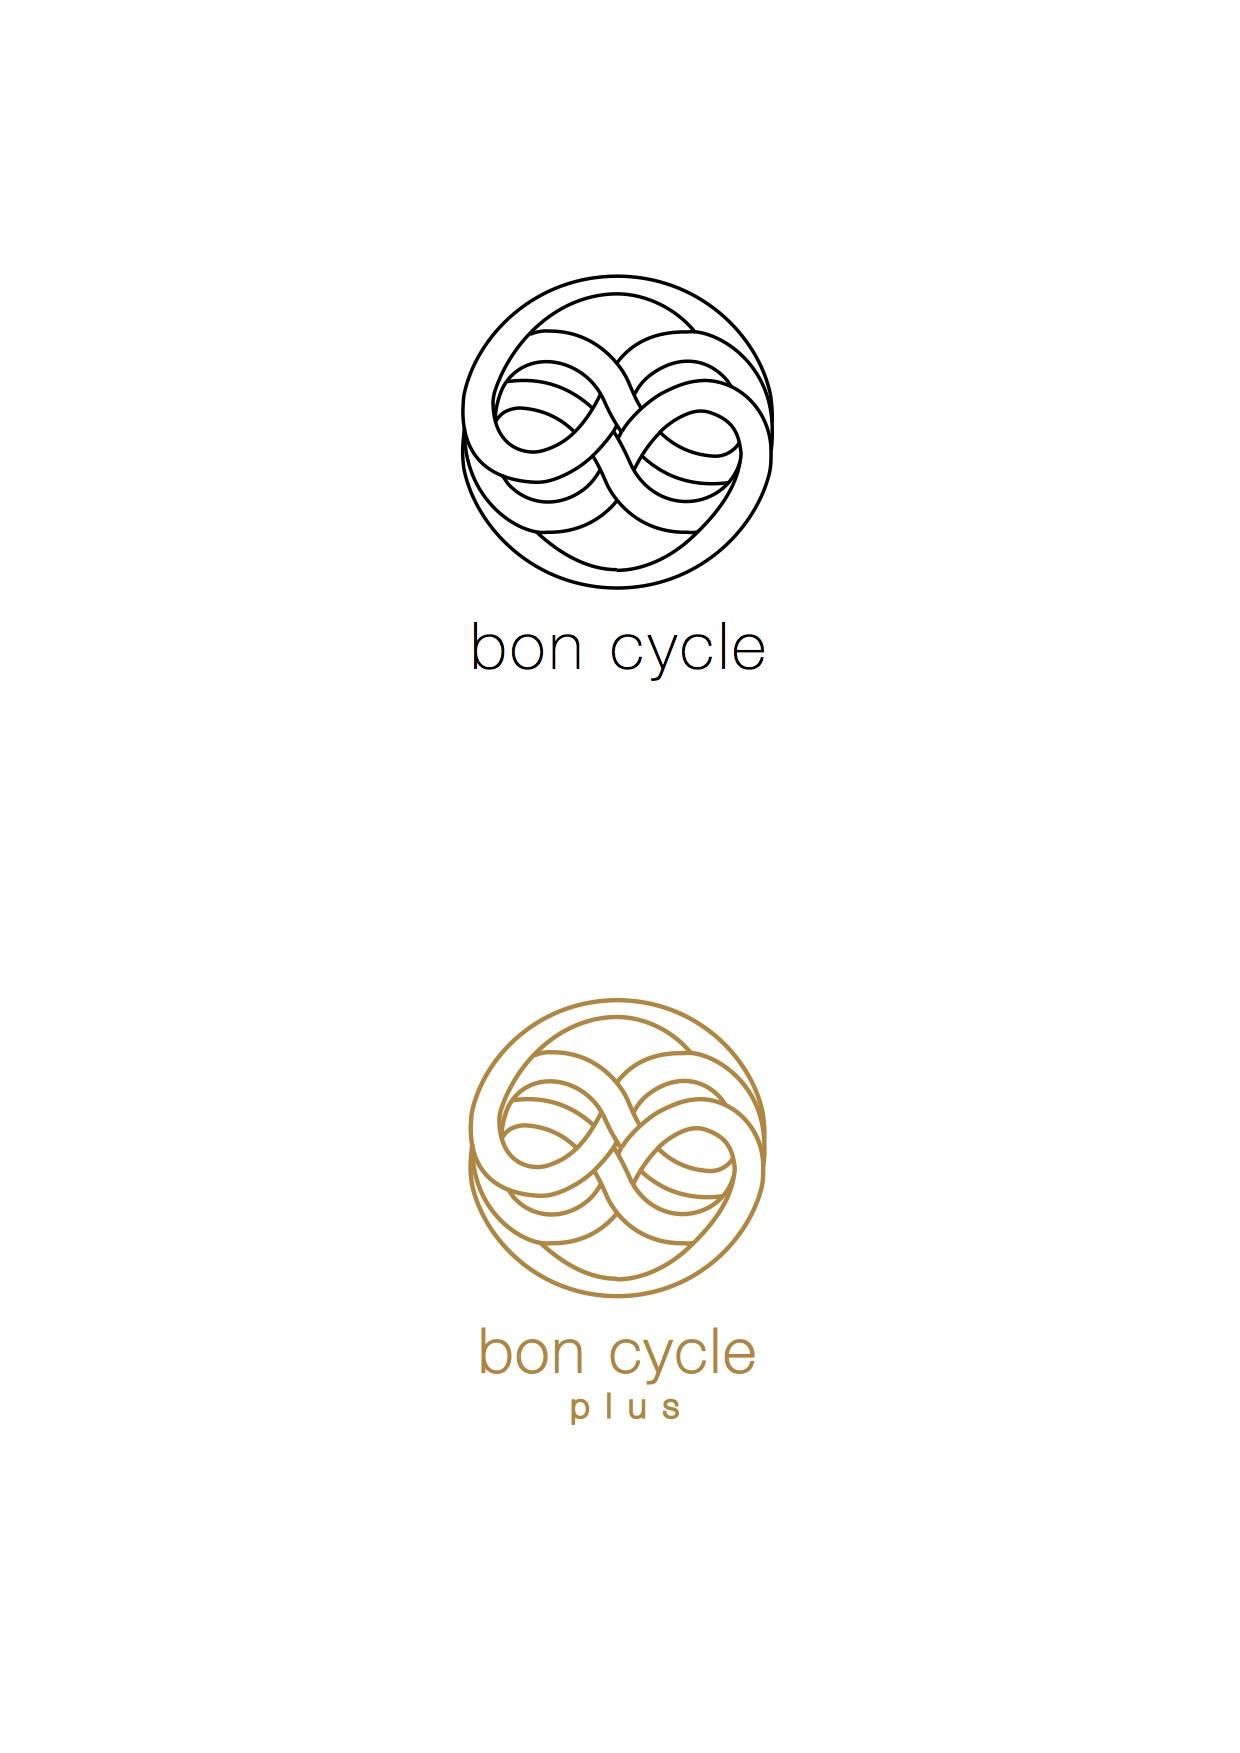 bon cycleロゴ